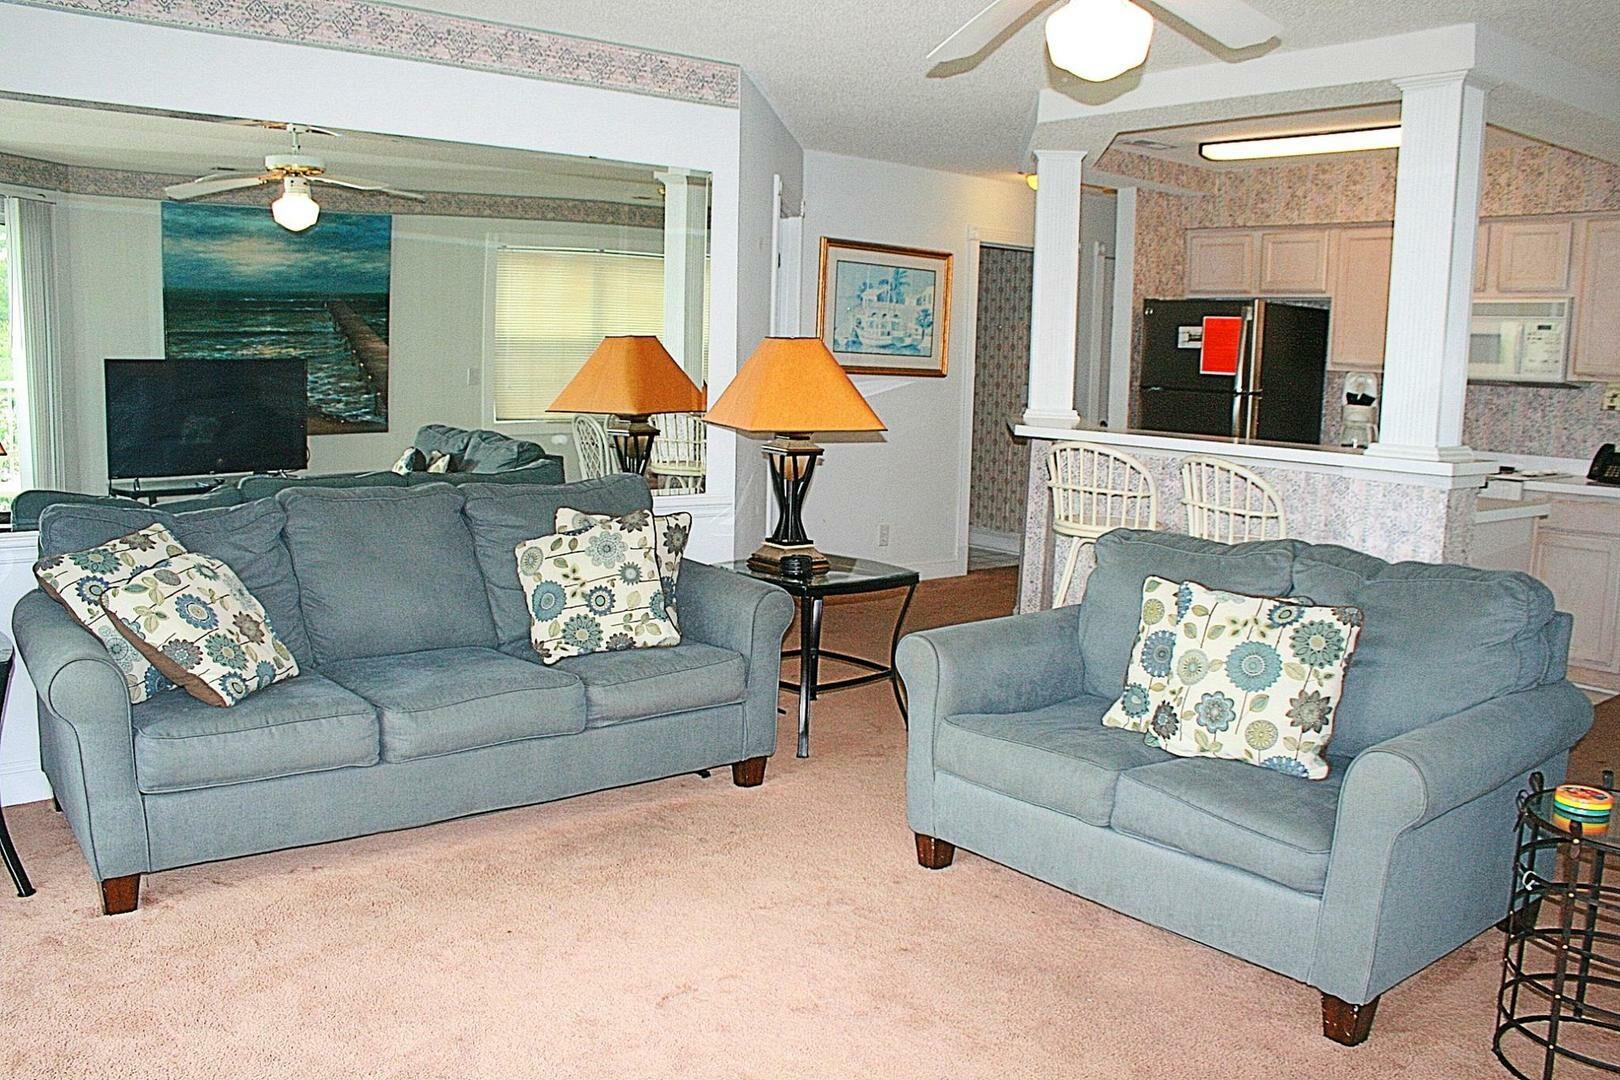 604M 1 Bedroom/1 Bath Villa